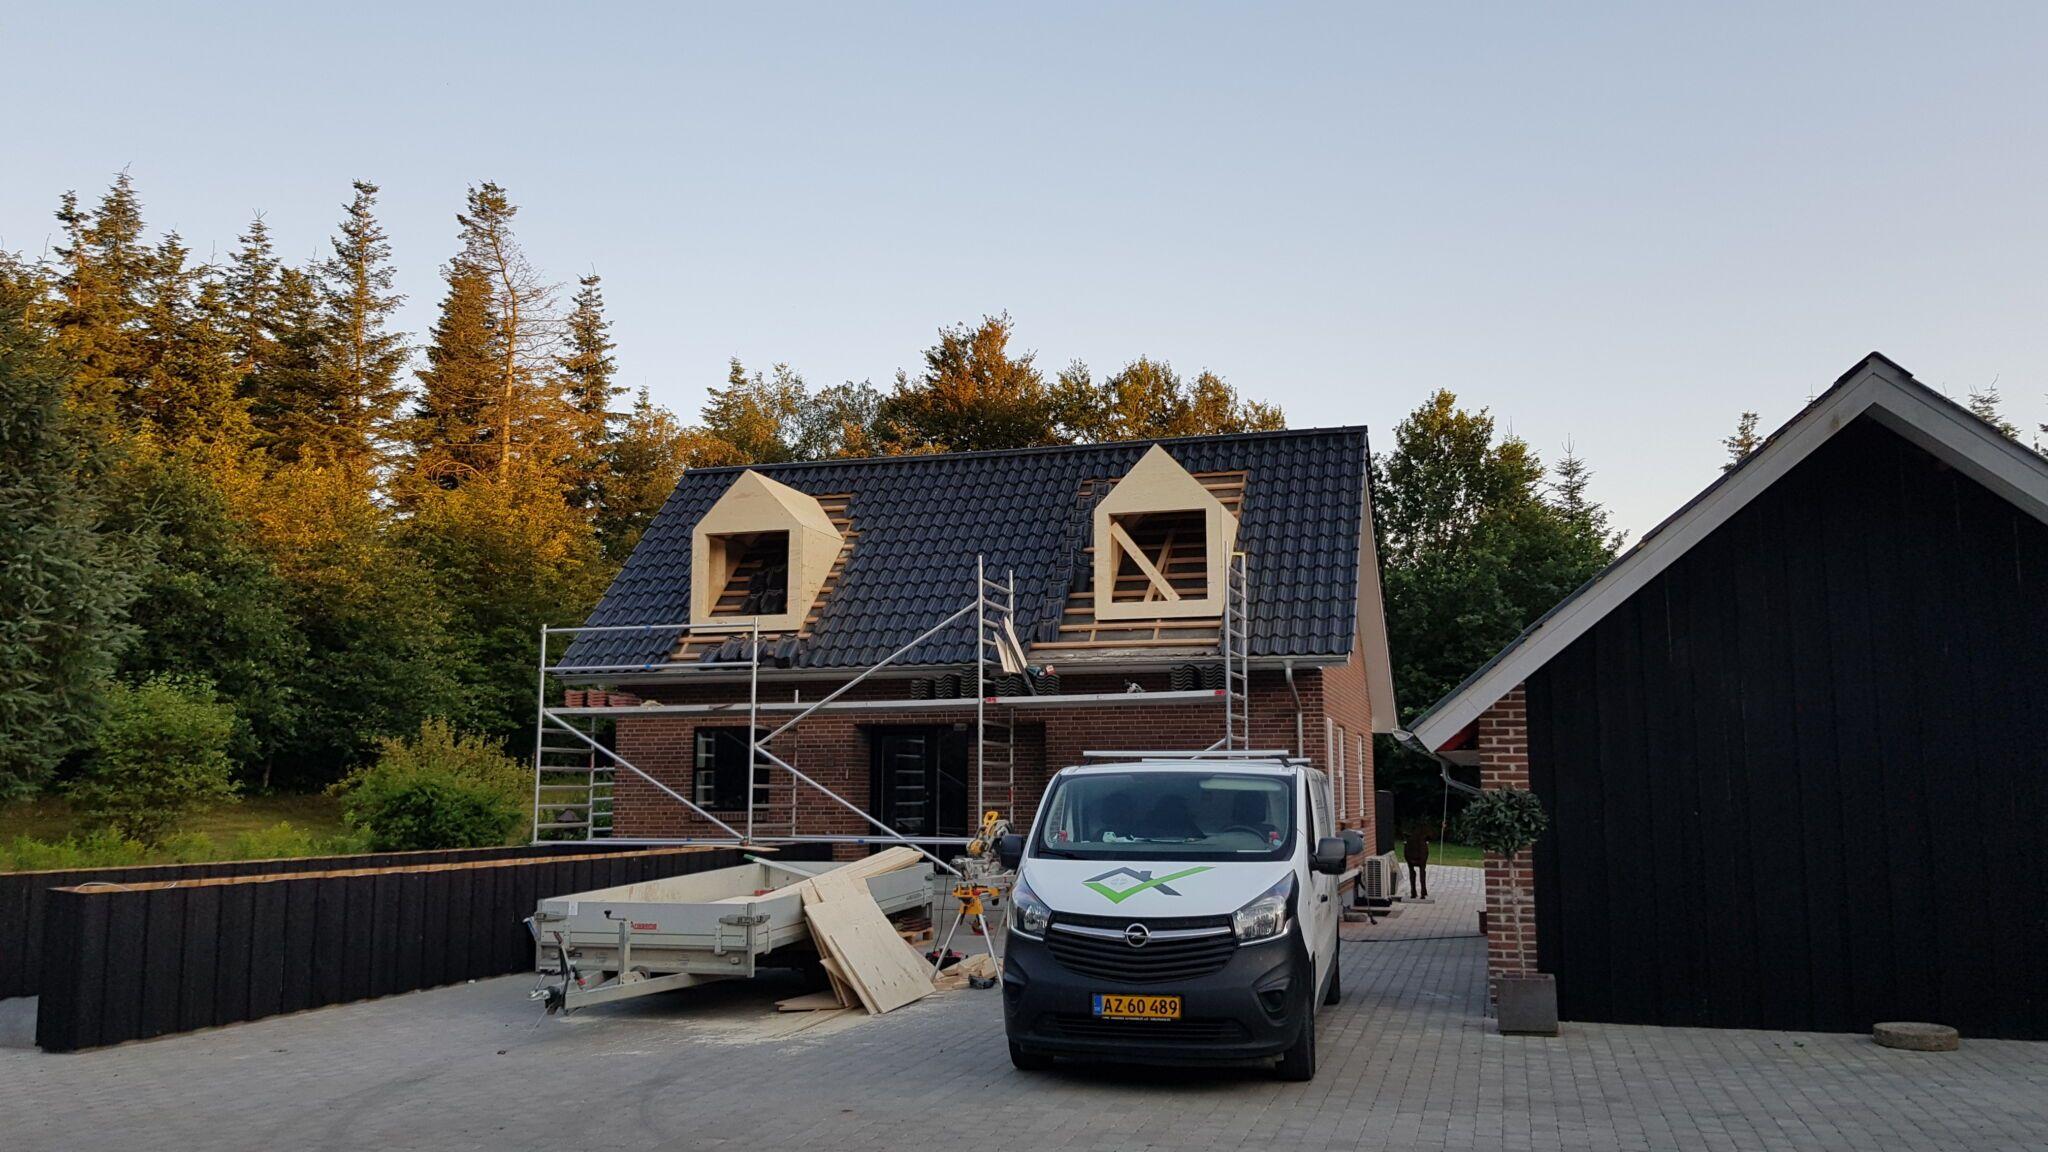 Nyt-tag-på-hus-Lindegaardbygmaugstrup